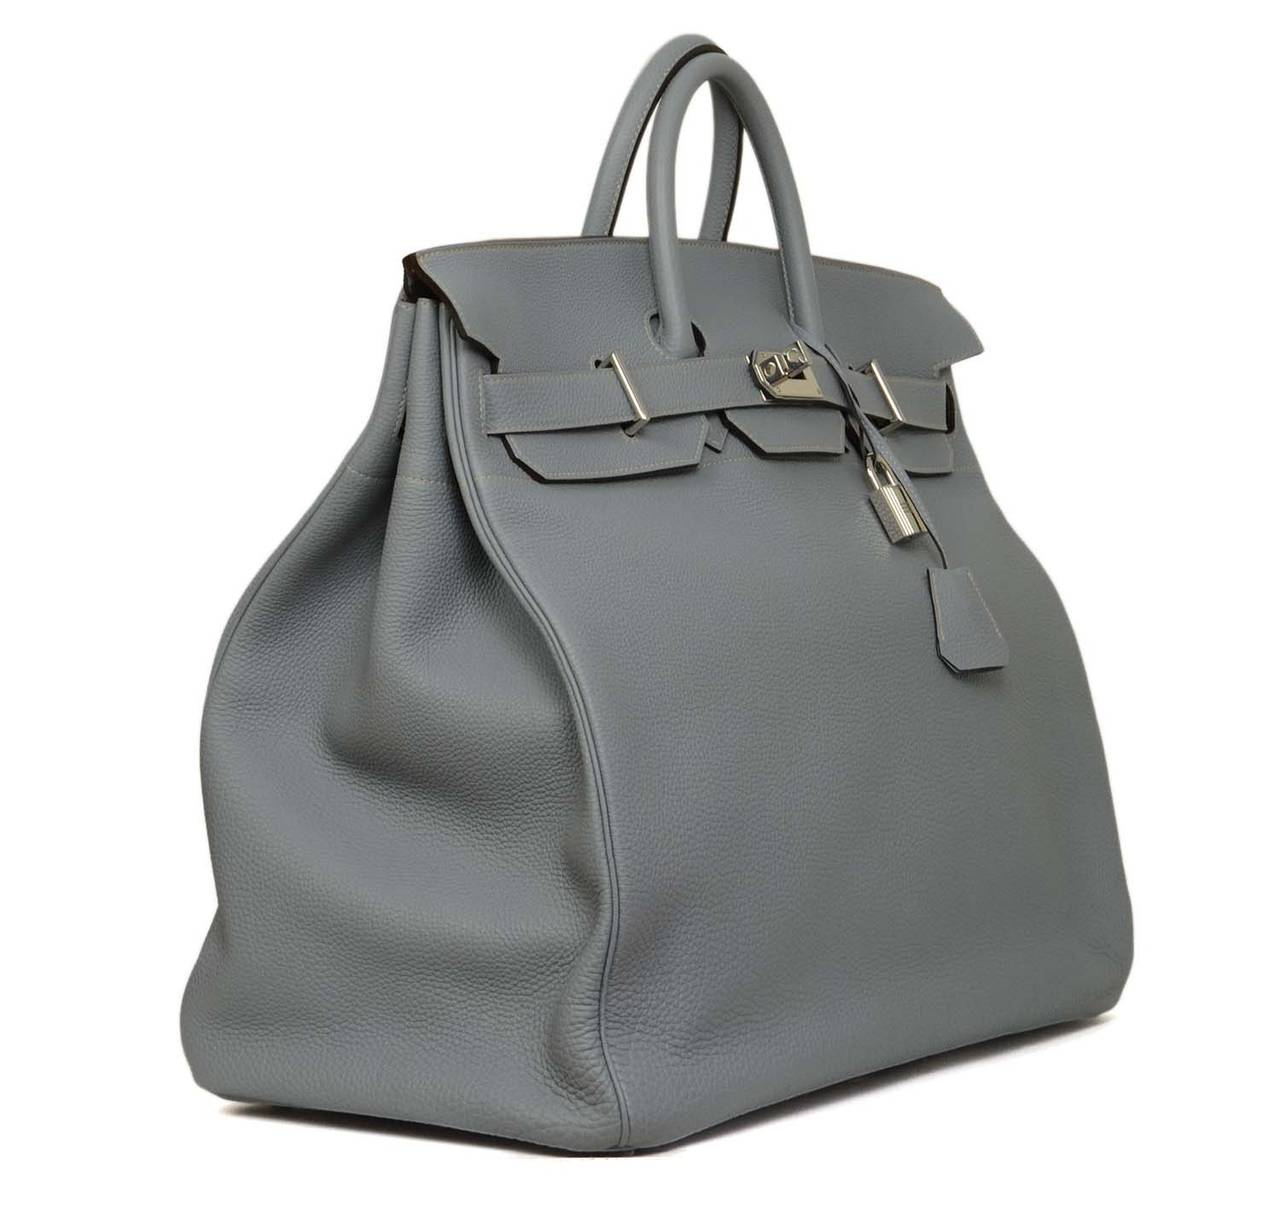 hermes bag for sale - hermes travel birkin 50, birkin bag fake